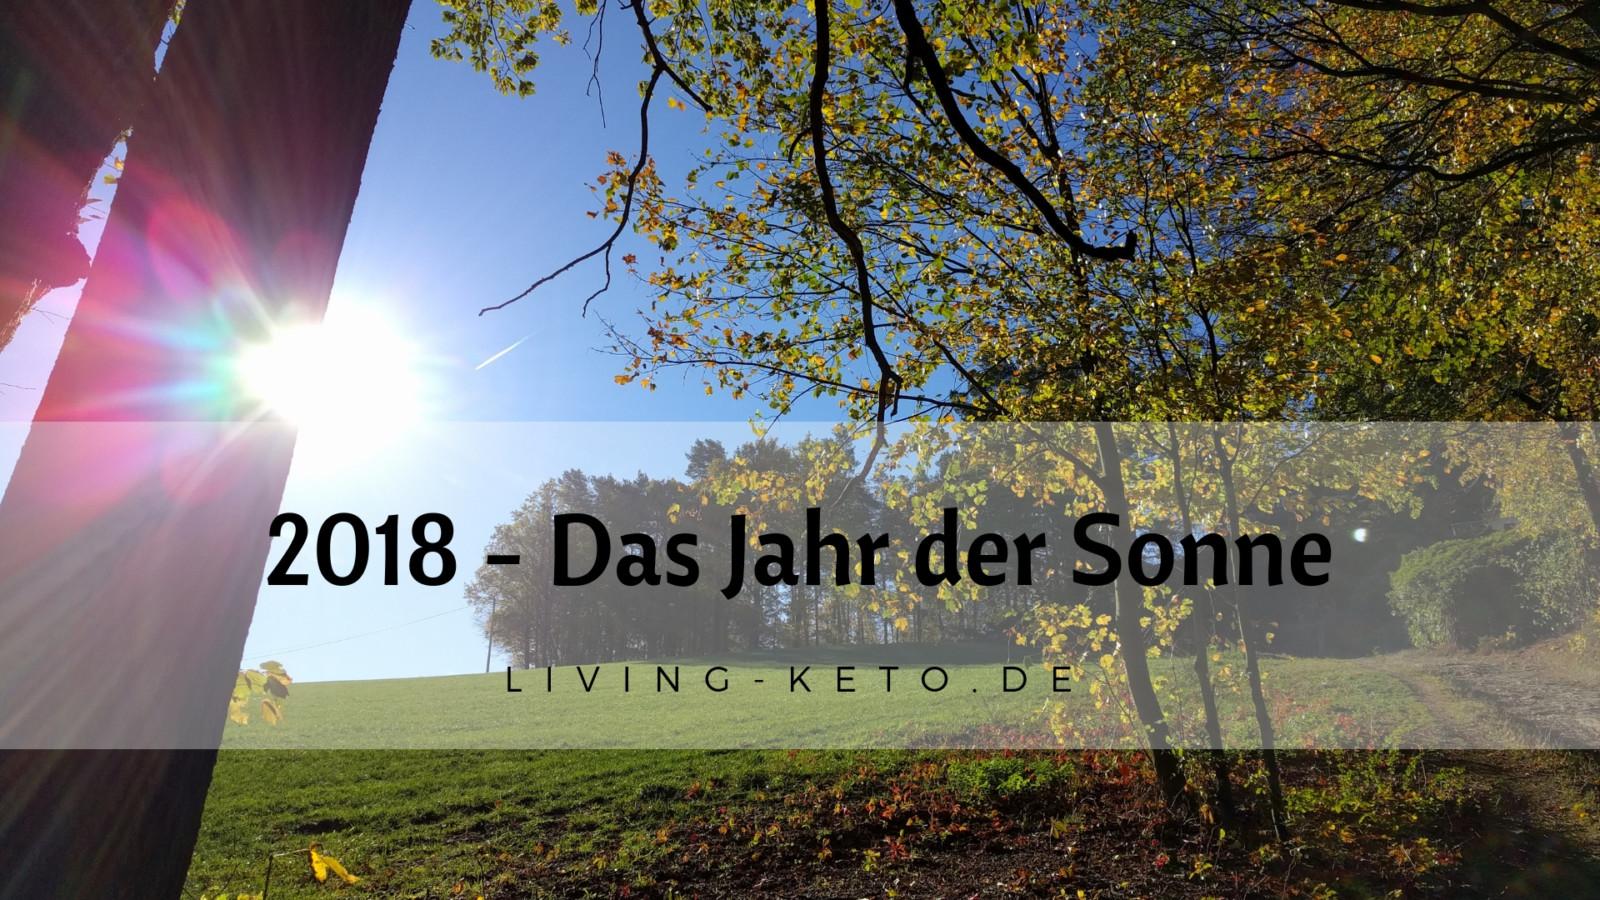 2018 – Das Jahr der Sonne